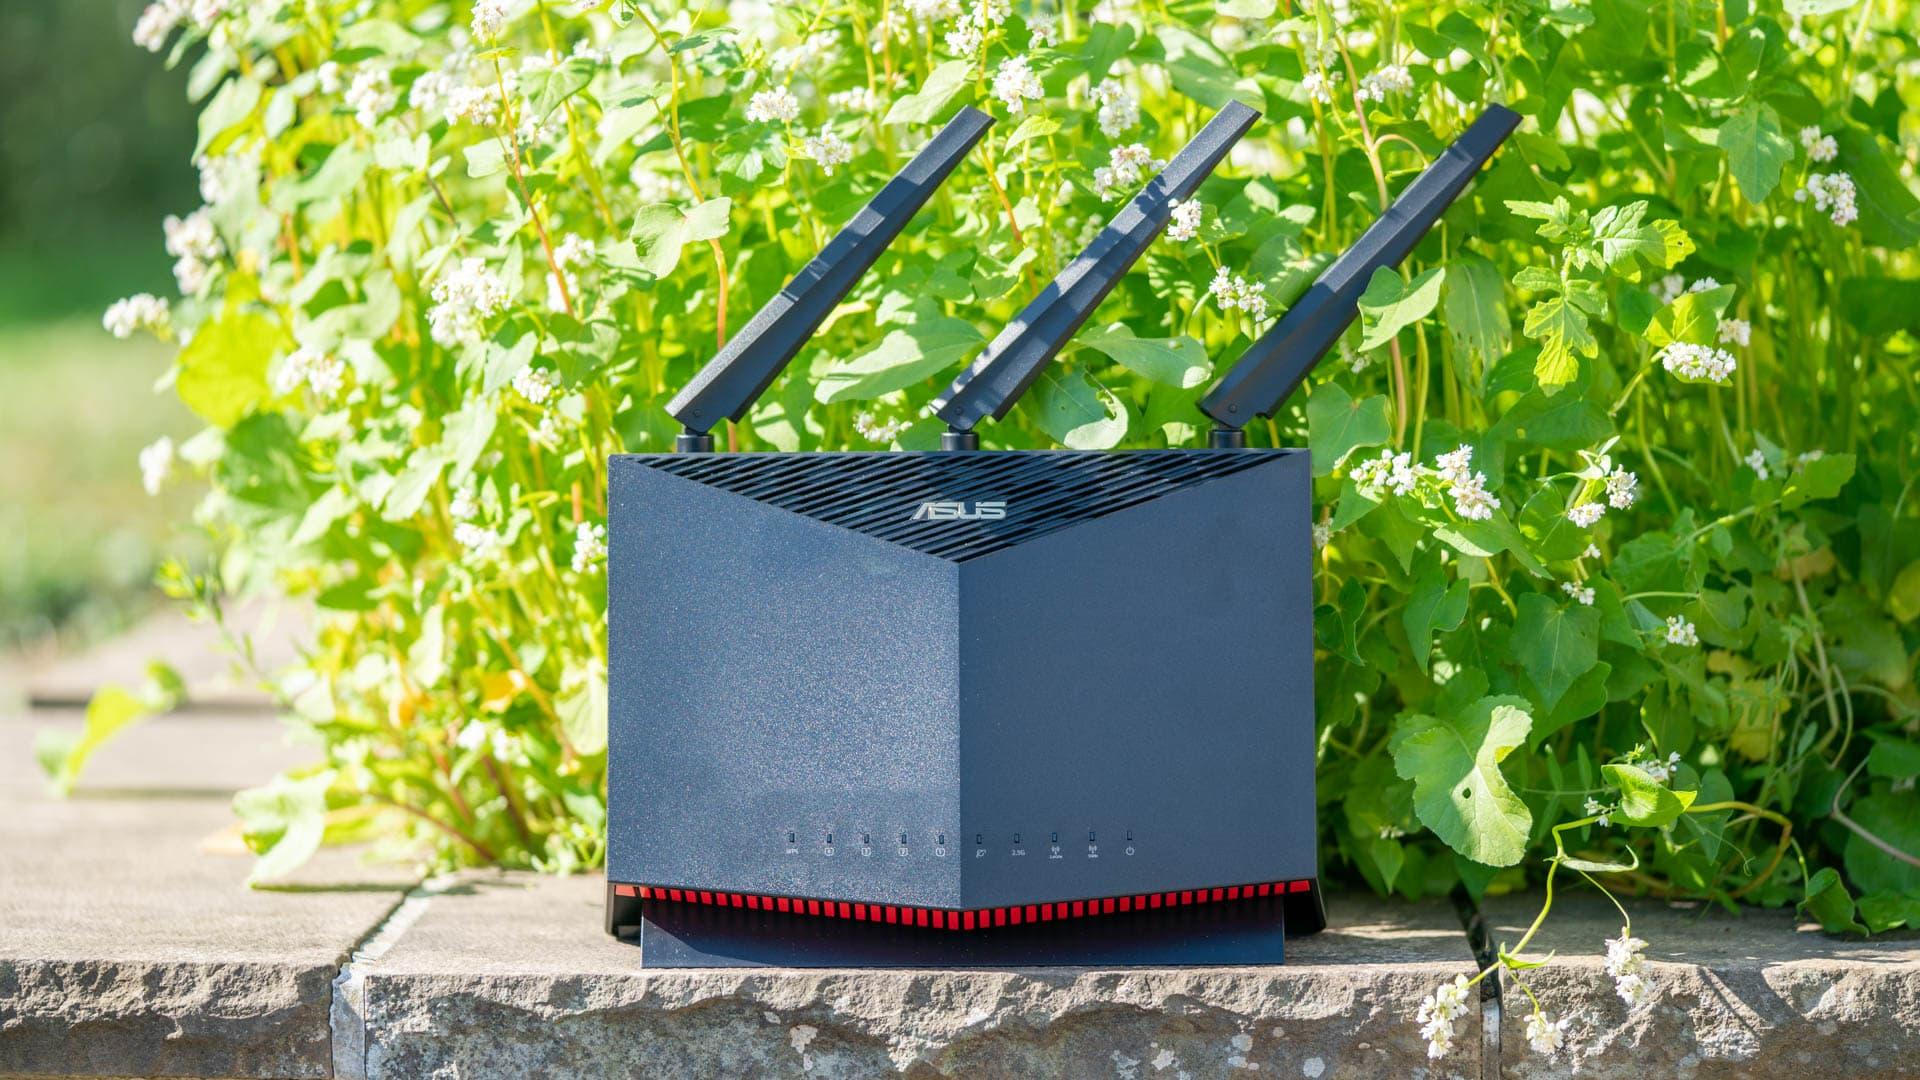 Test: ASUS RT-AX86U, WLAN 6 und 2,5Gbit LAN in Perfektion